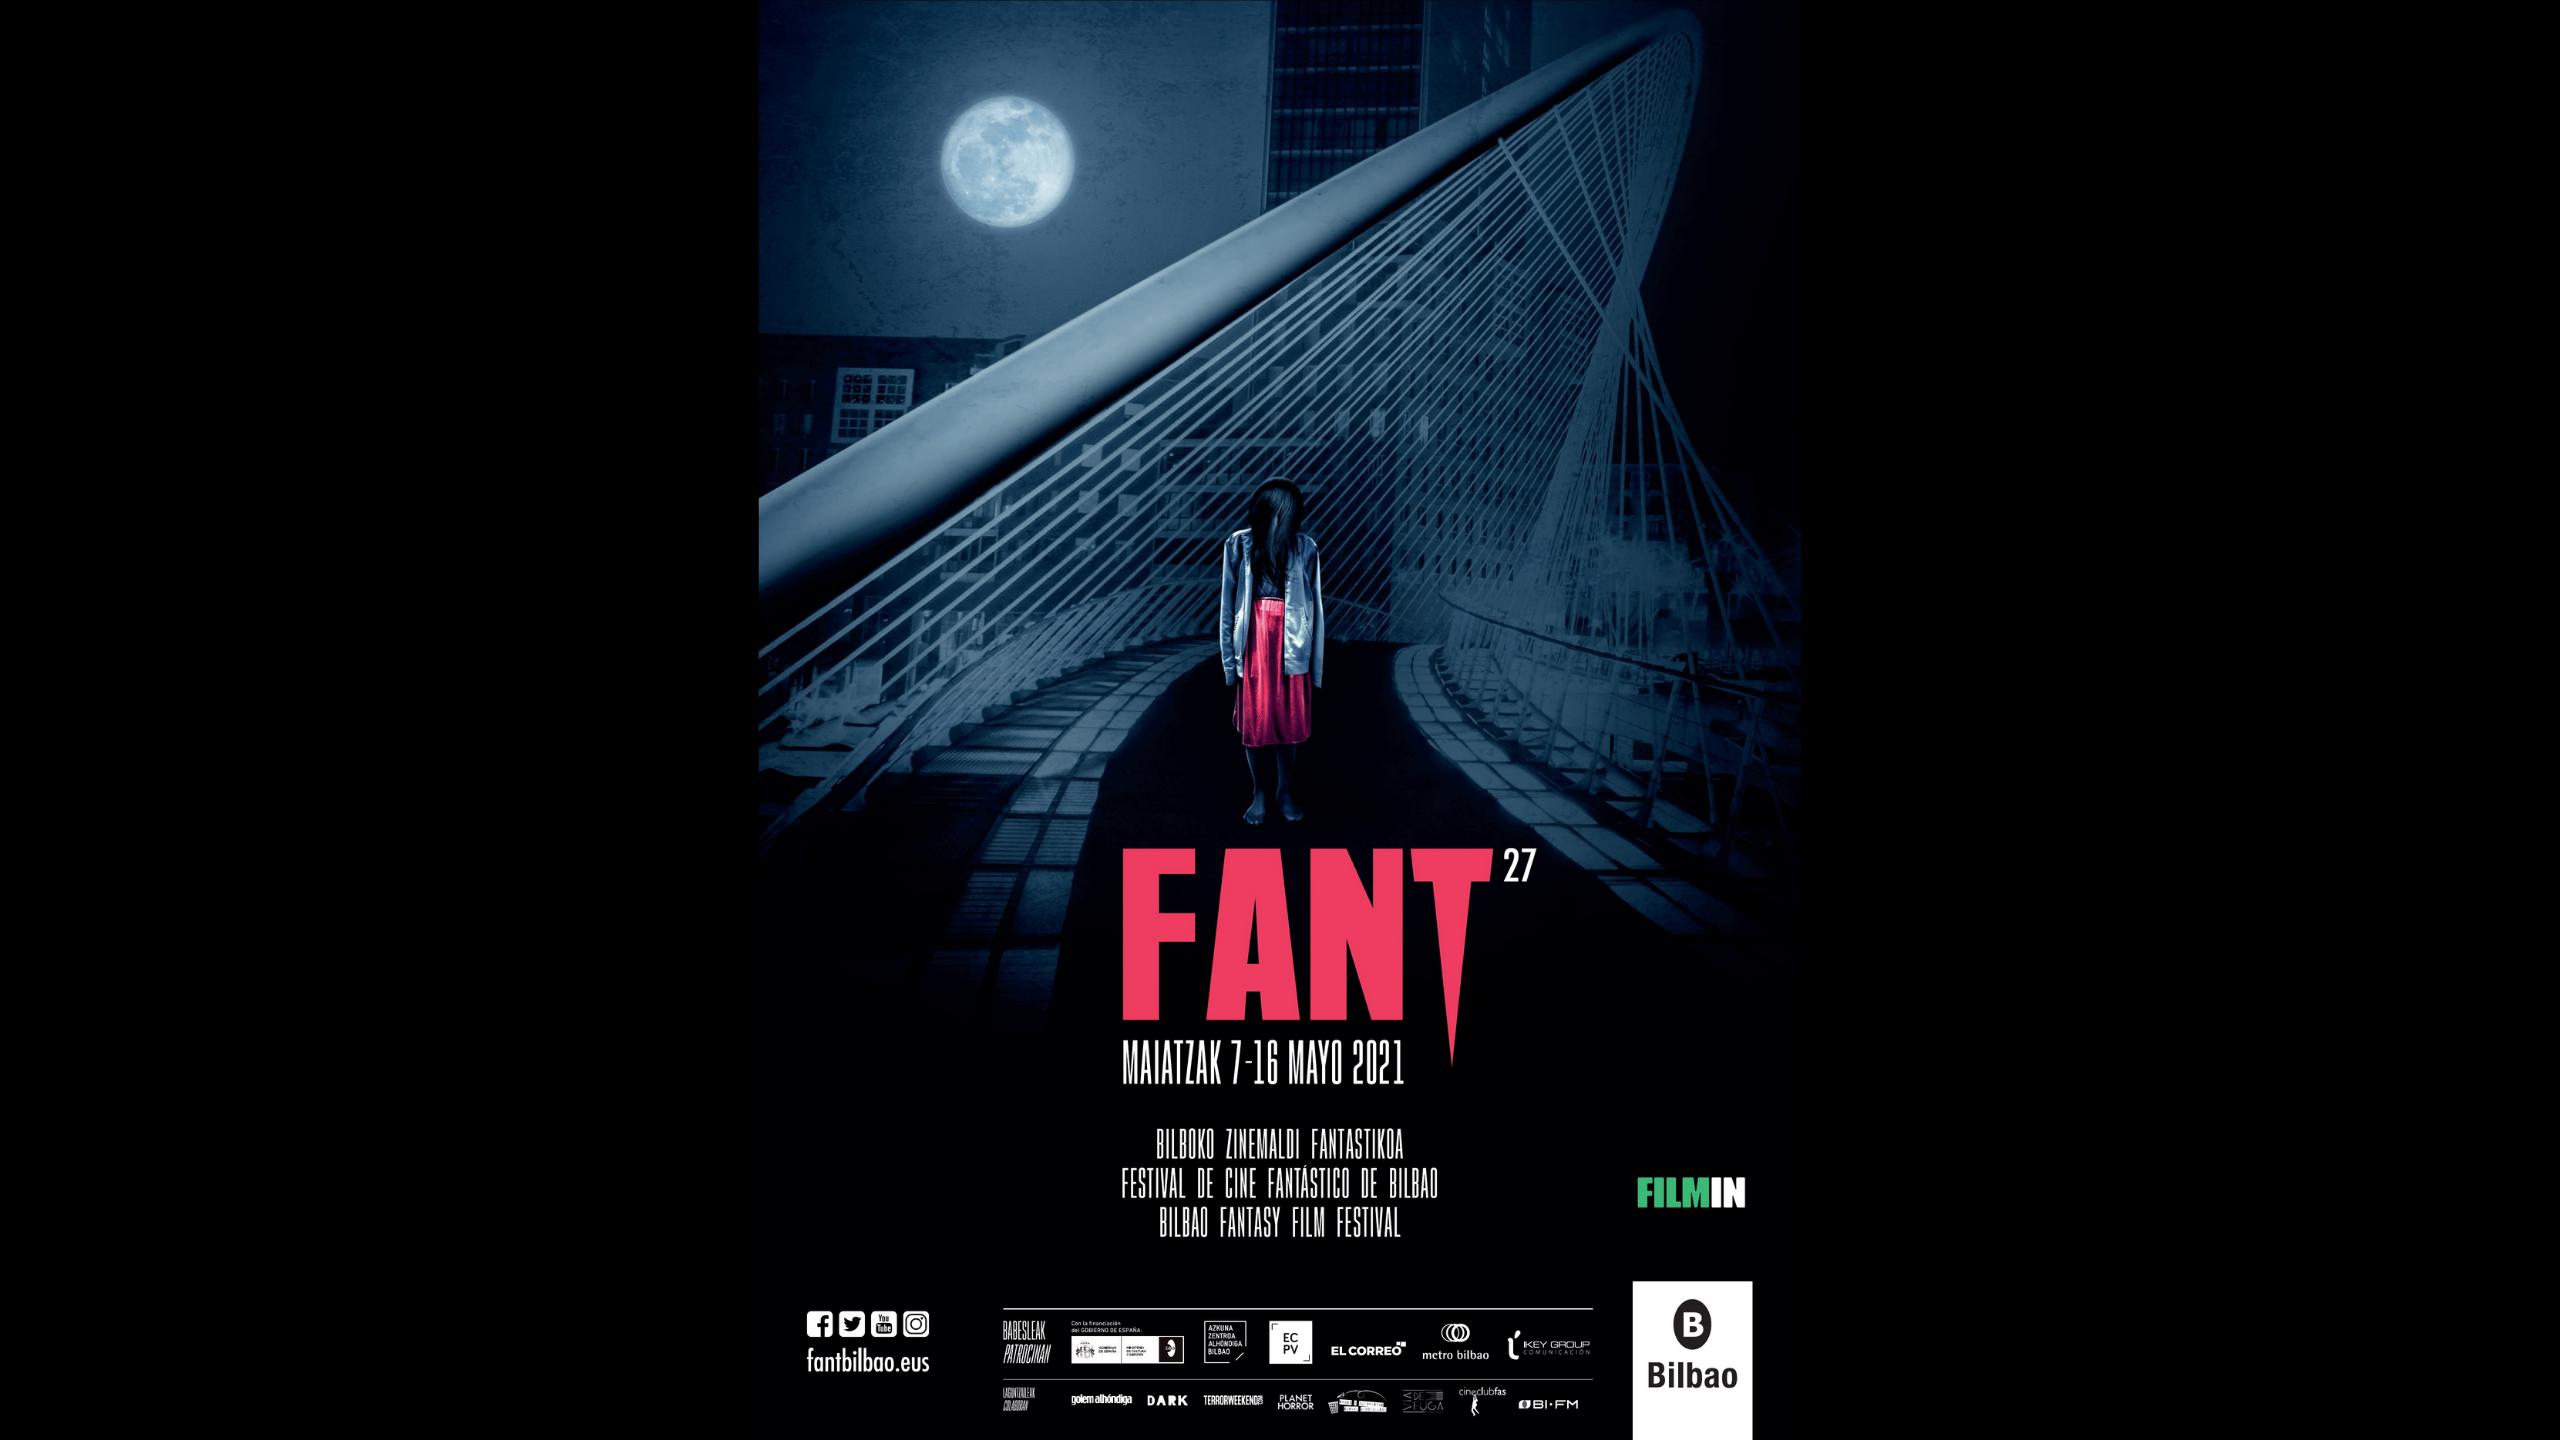 El Festival de Cine Fantástico de Bilbao arranca su ciclo PREFANT este miércoles con cuatro proyecciones especiales